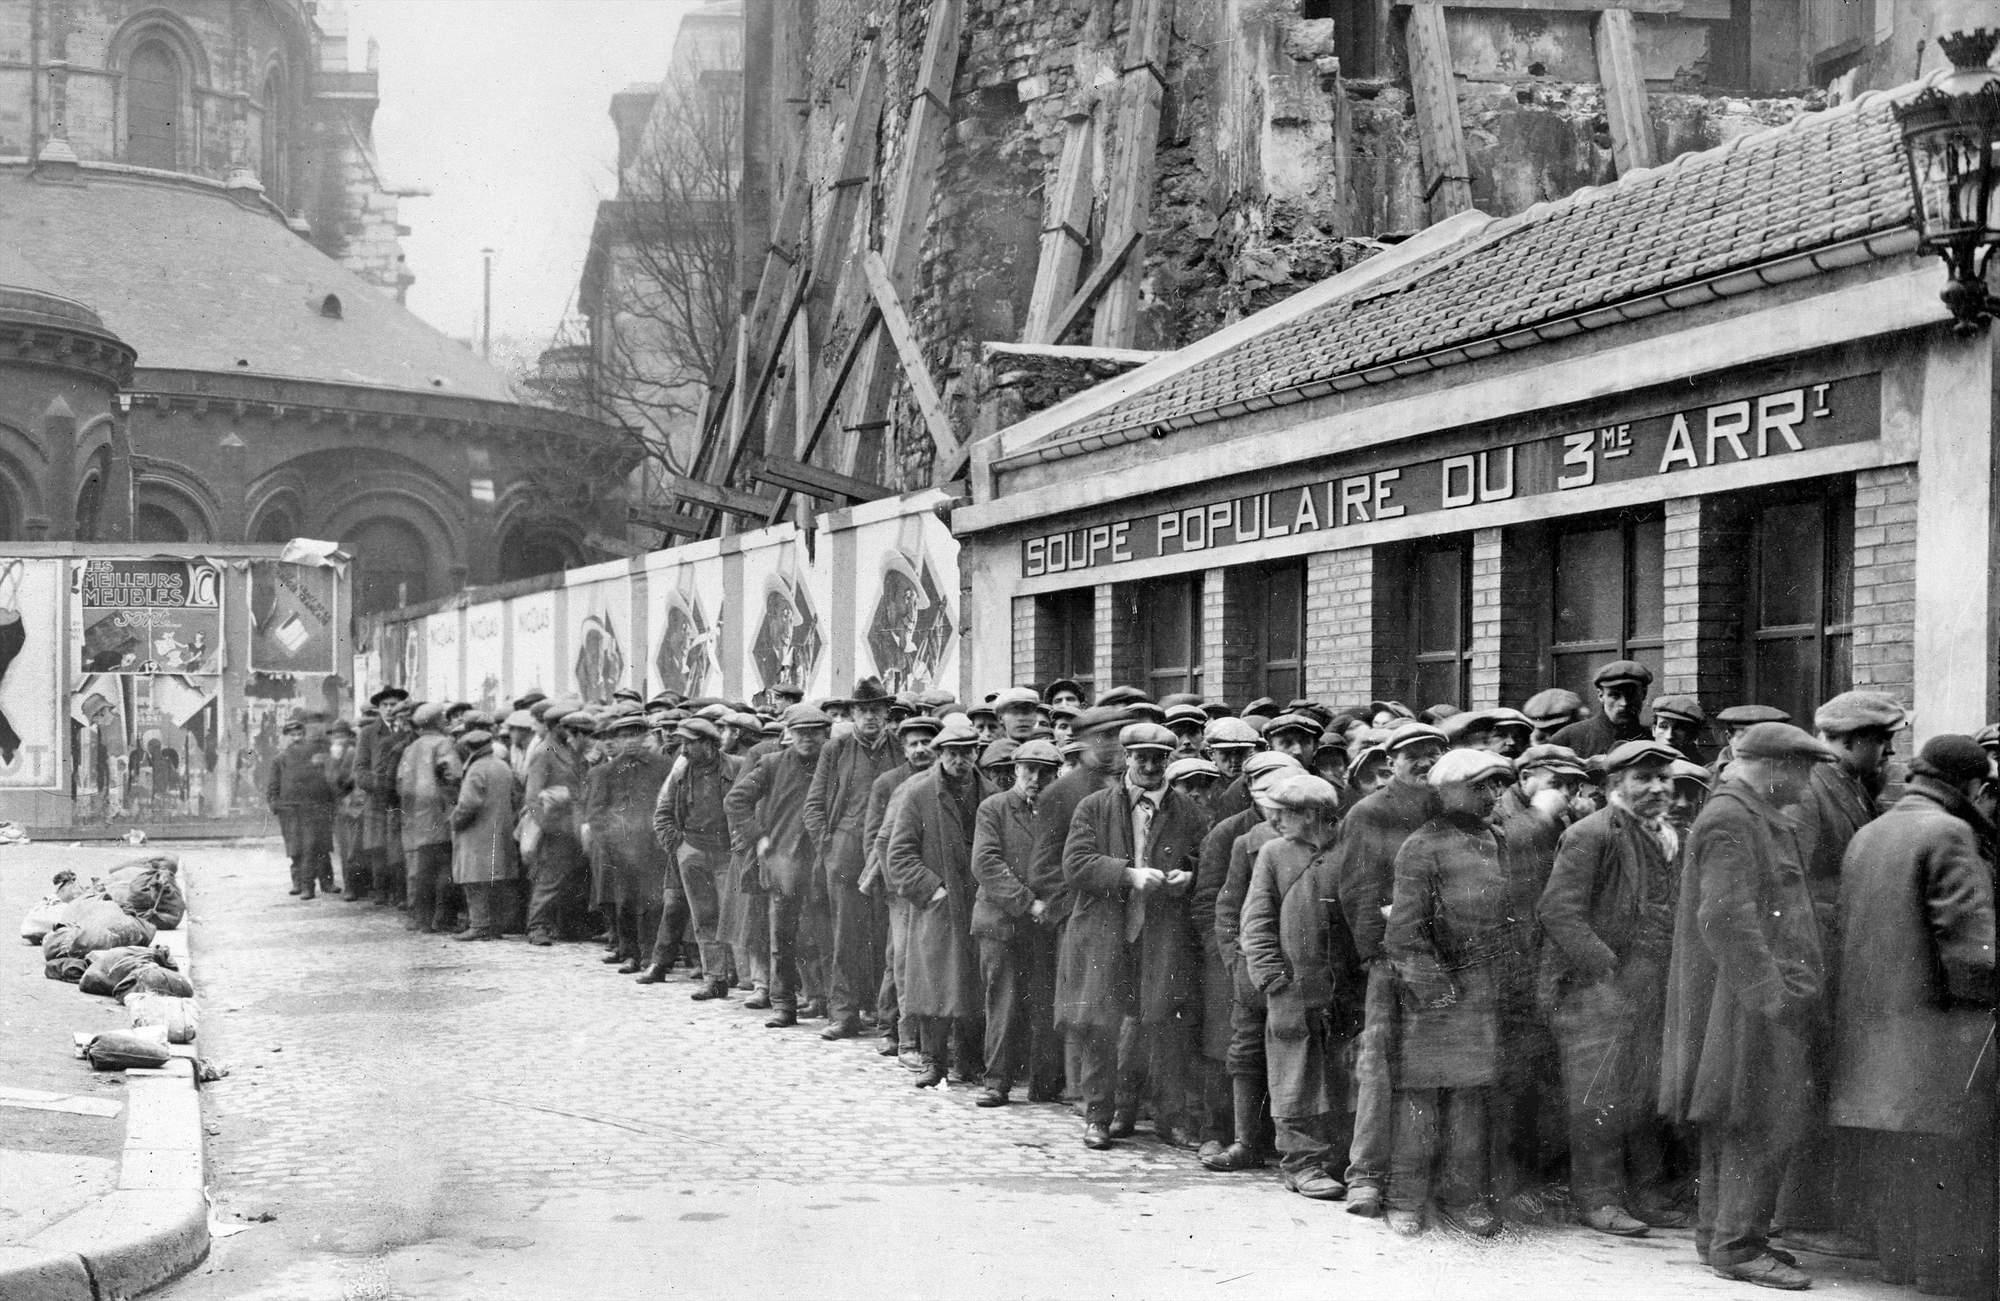 La misère ouvrière dans les années 1930